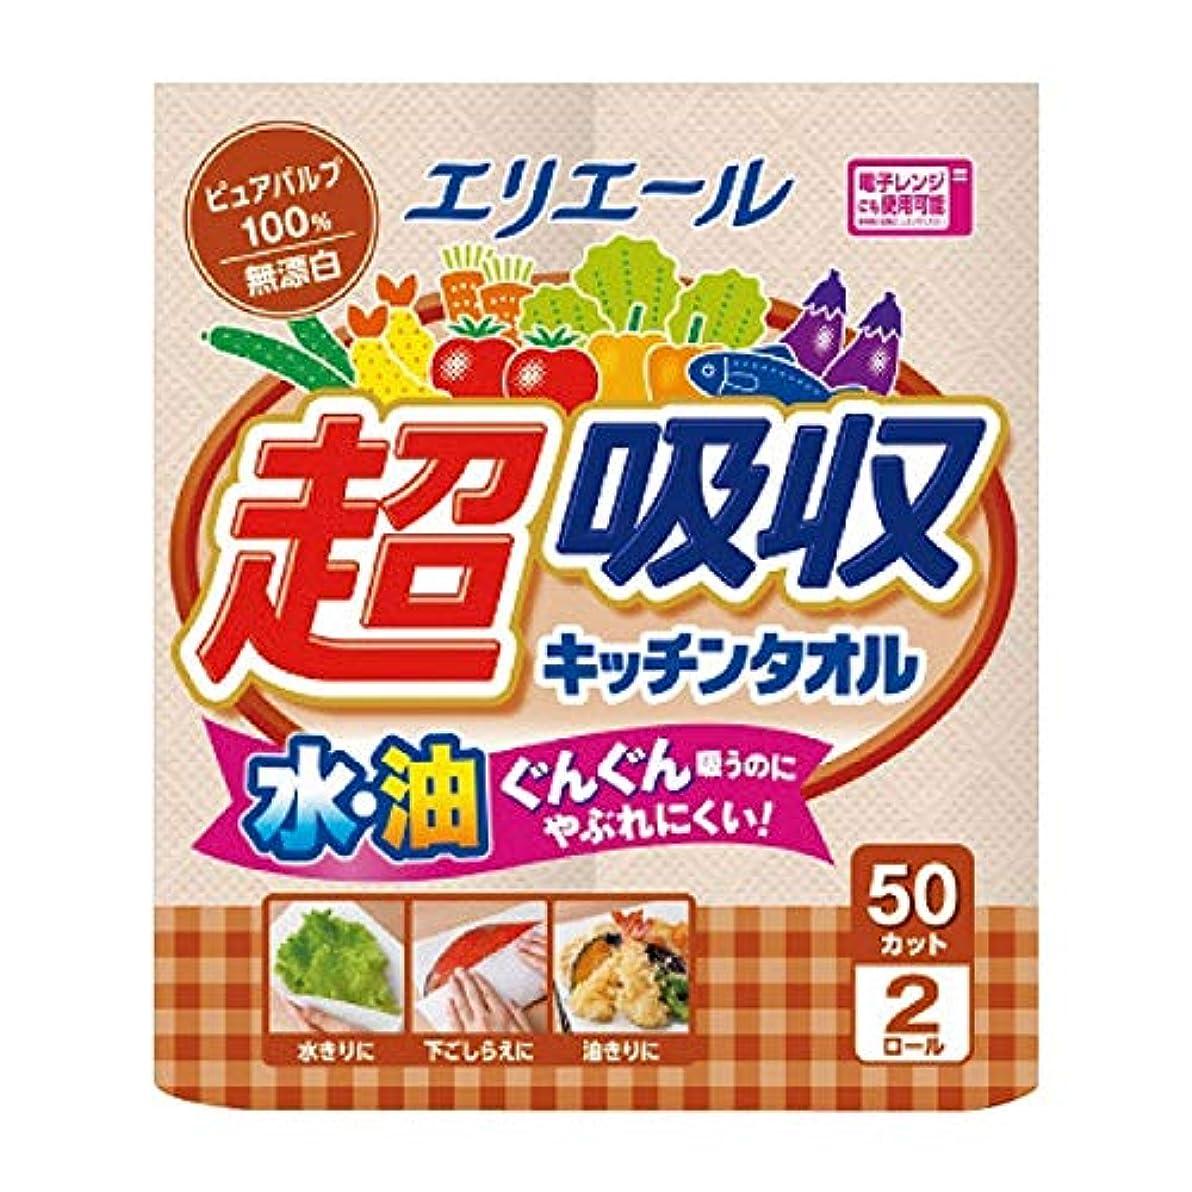 ワイド腸推測する大王製紙 エリエール 超吸収キッチンタオル 無漂白50カット 2ロール入X24P